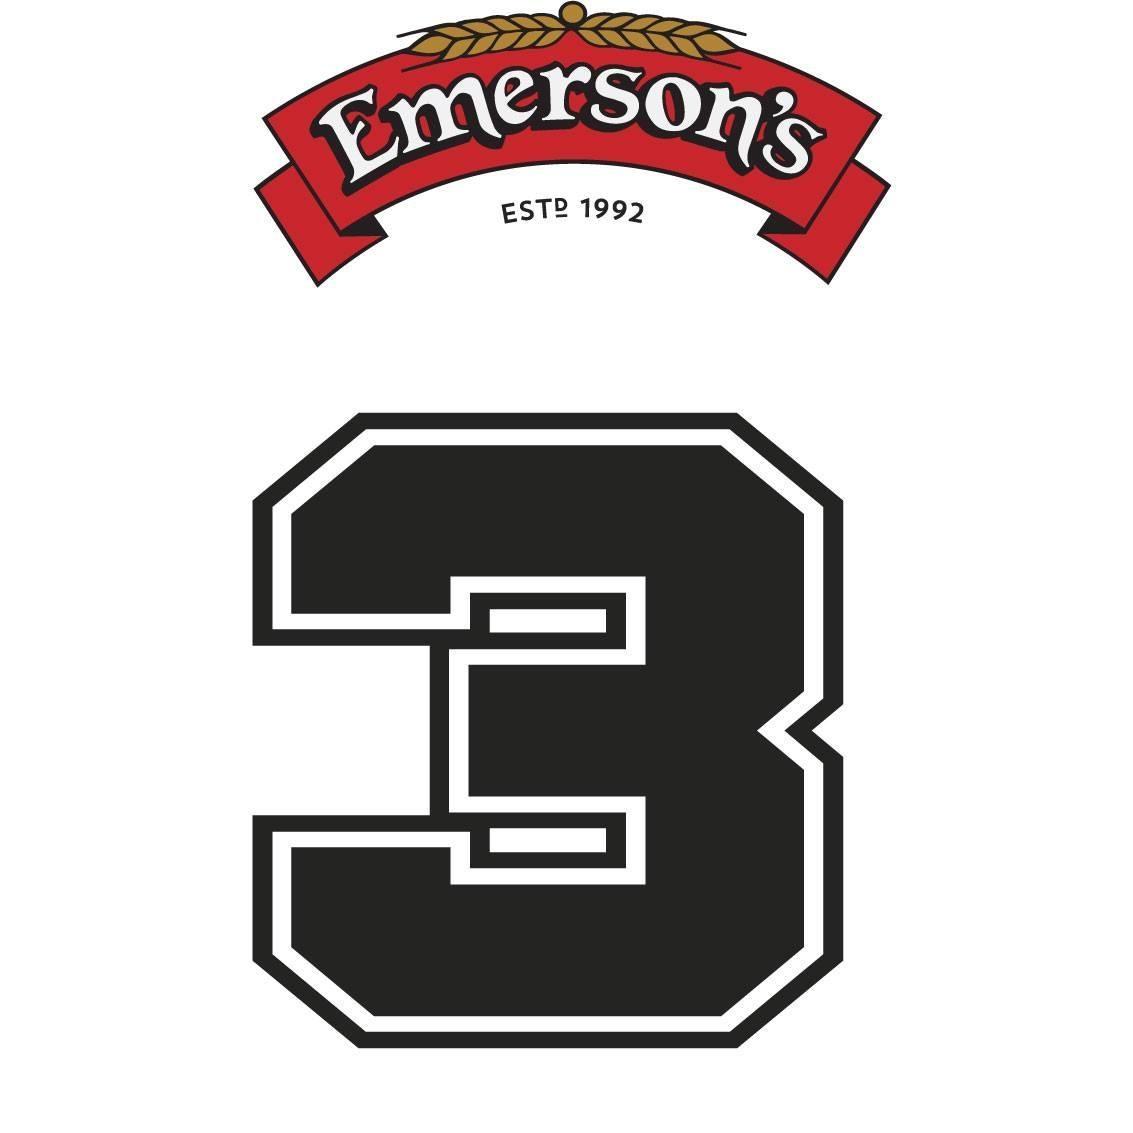 Emerson's 3 Peaks Enduro